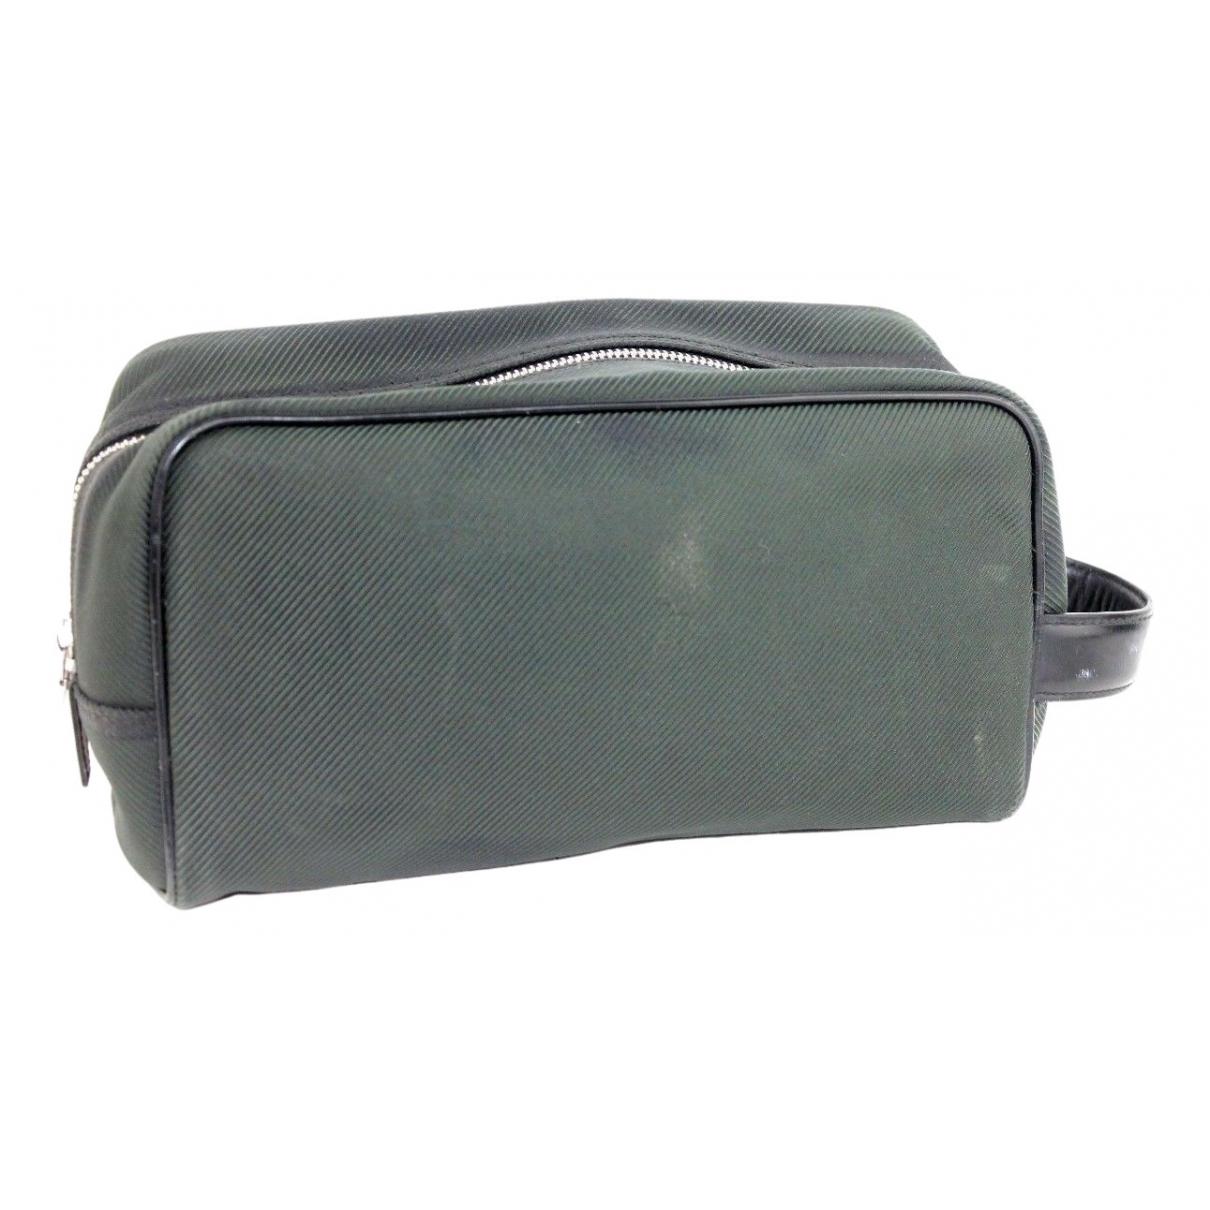 Louis Vuitton \N Green Cloth Travel bag for Women \N